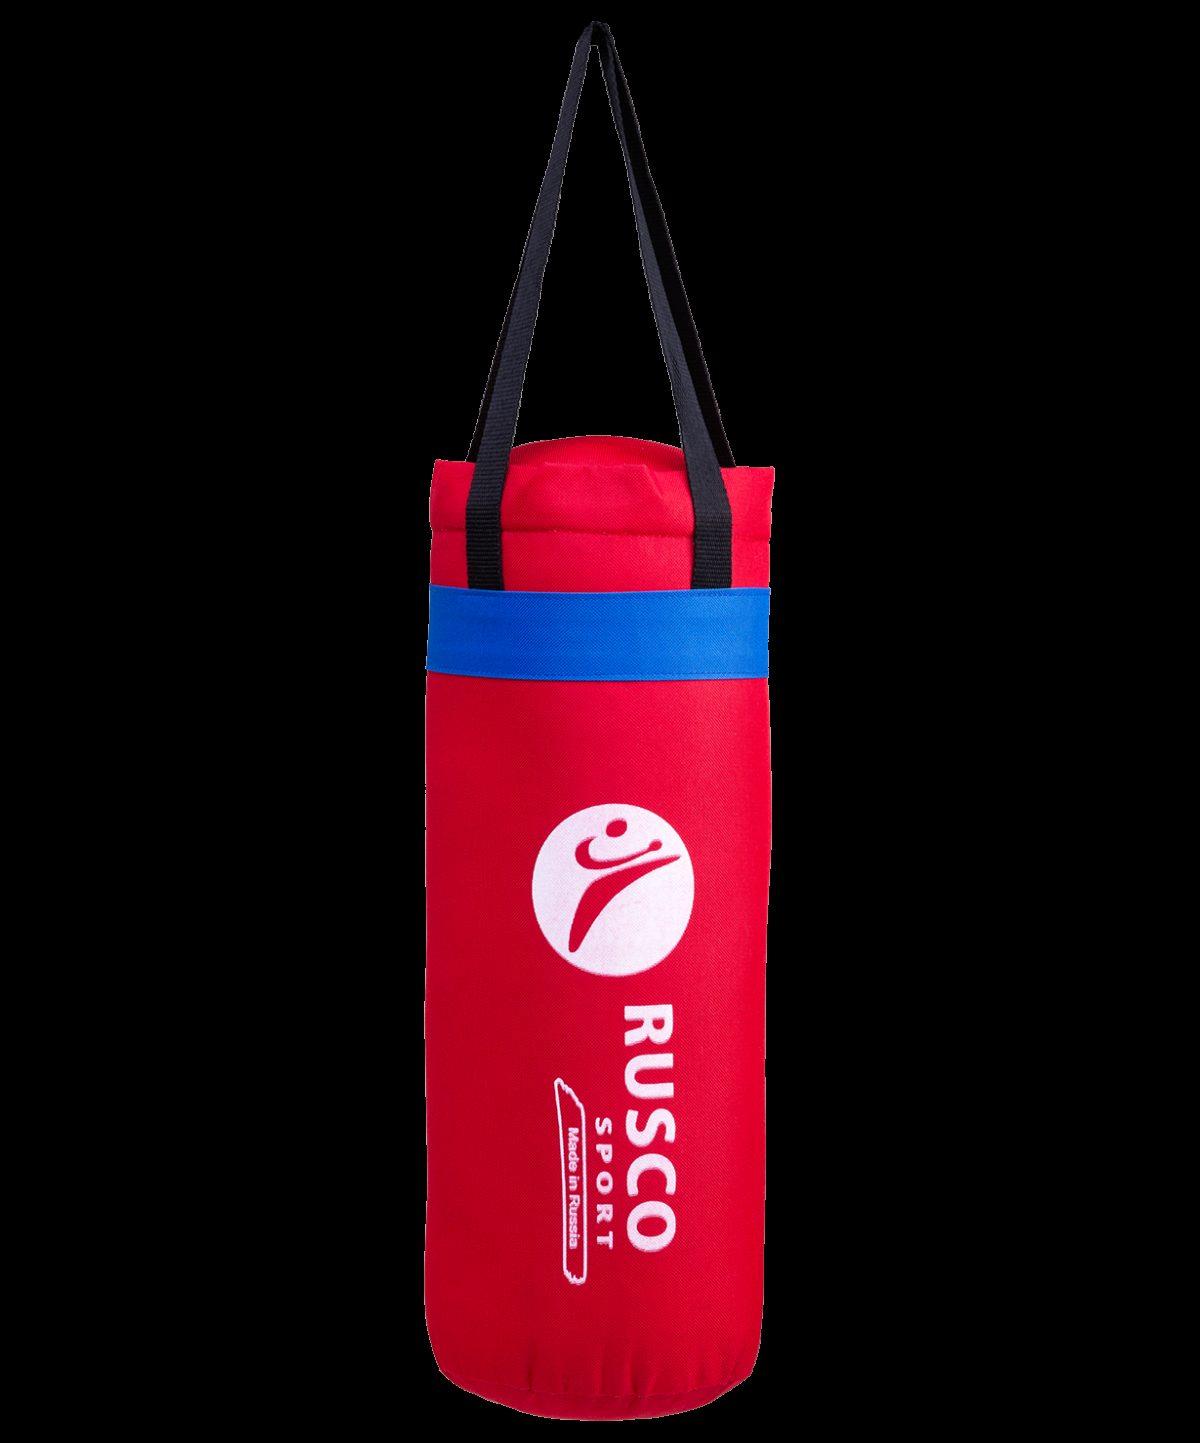 RUSCO Набор для бокса Rusco, 6oz, кожзам, красный  13971 - 2